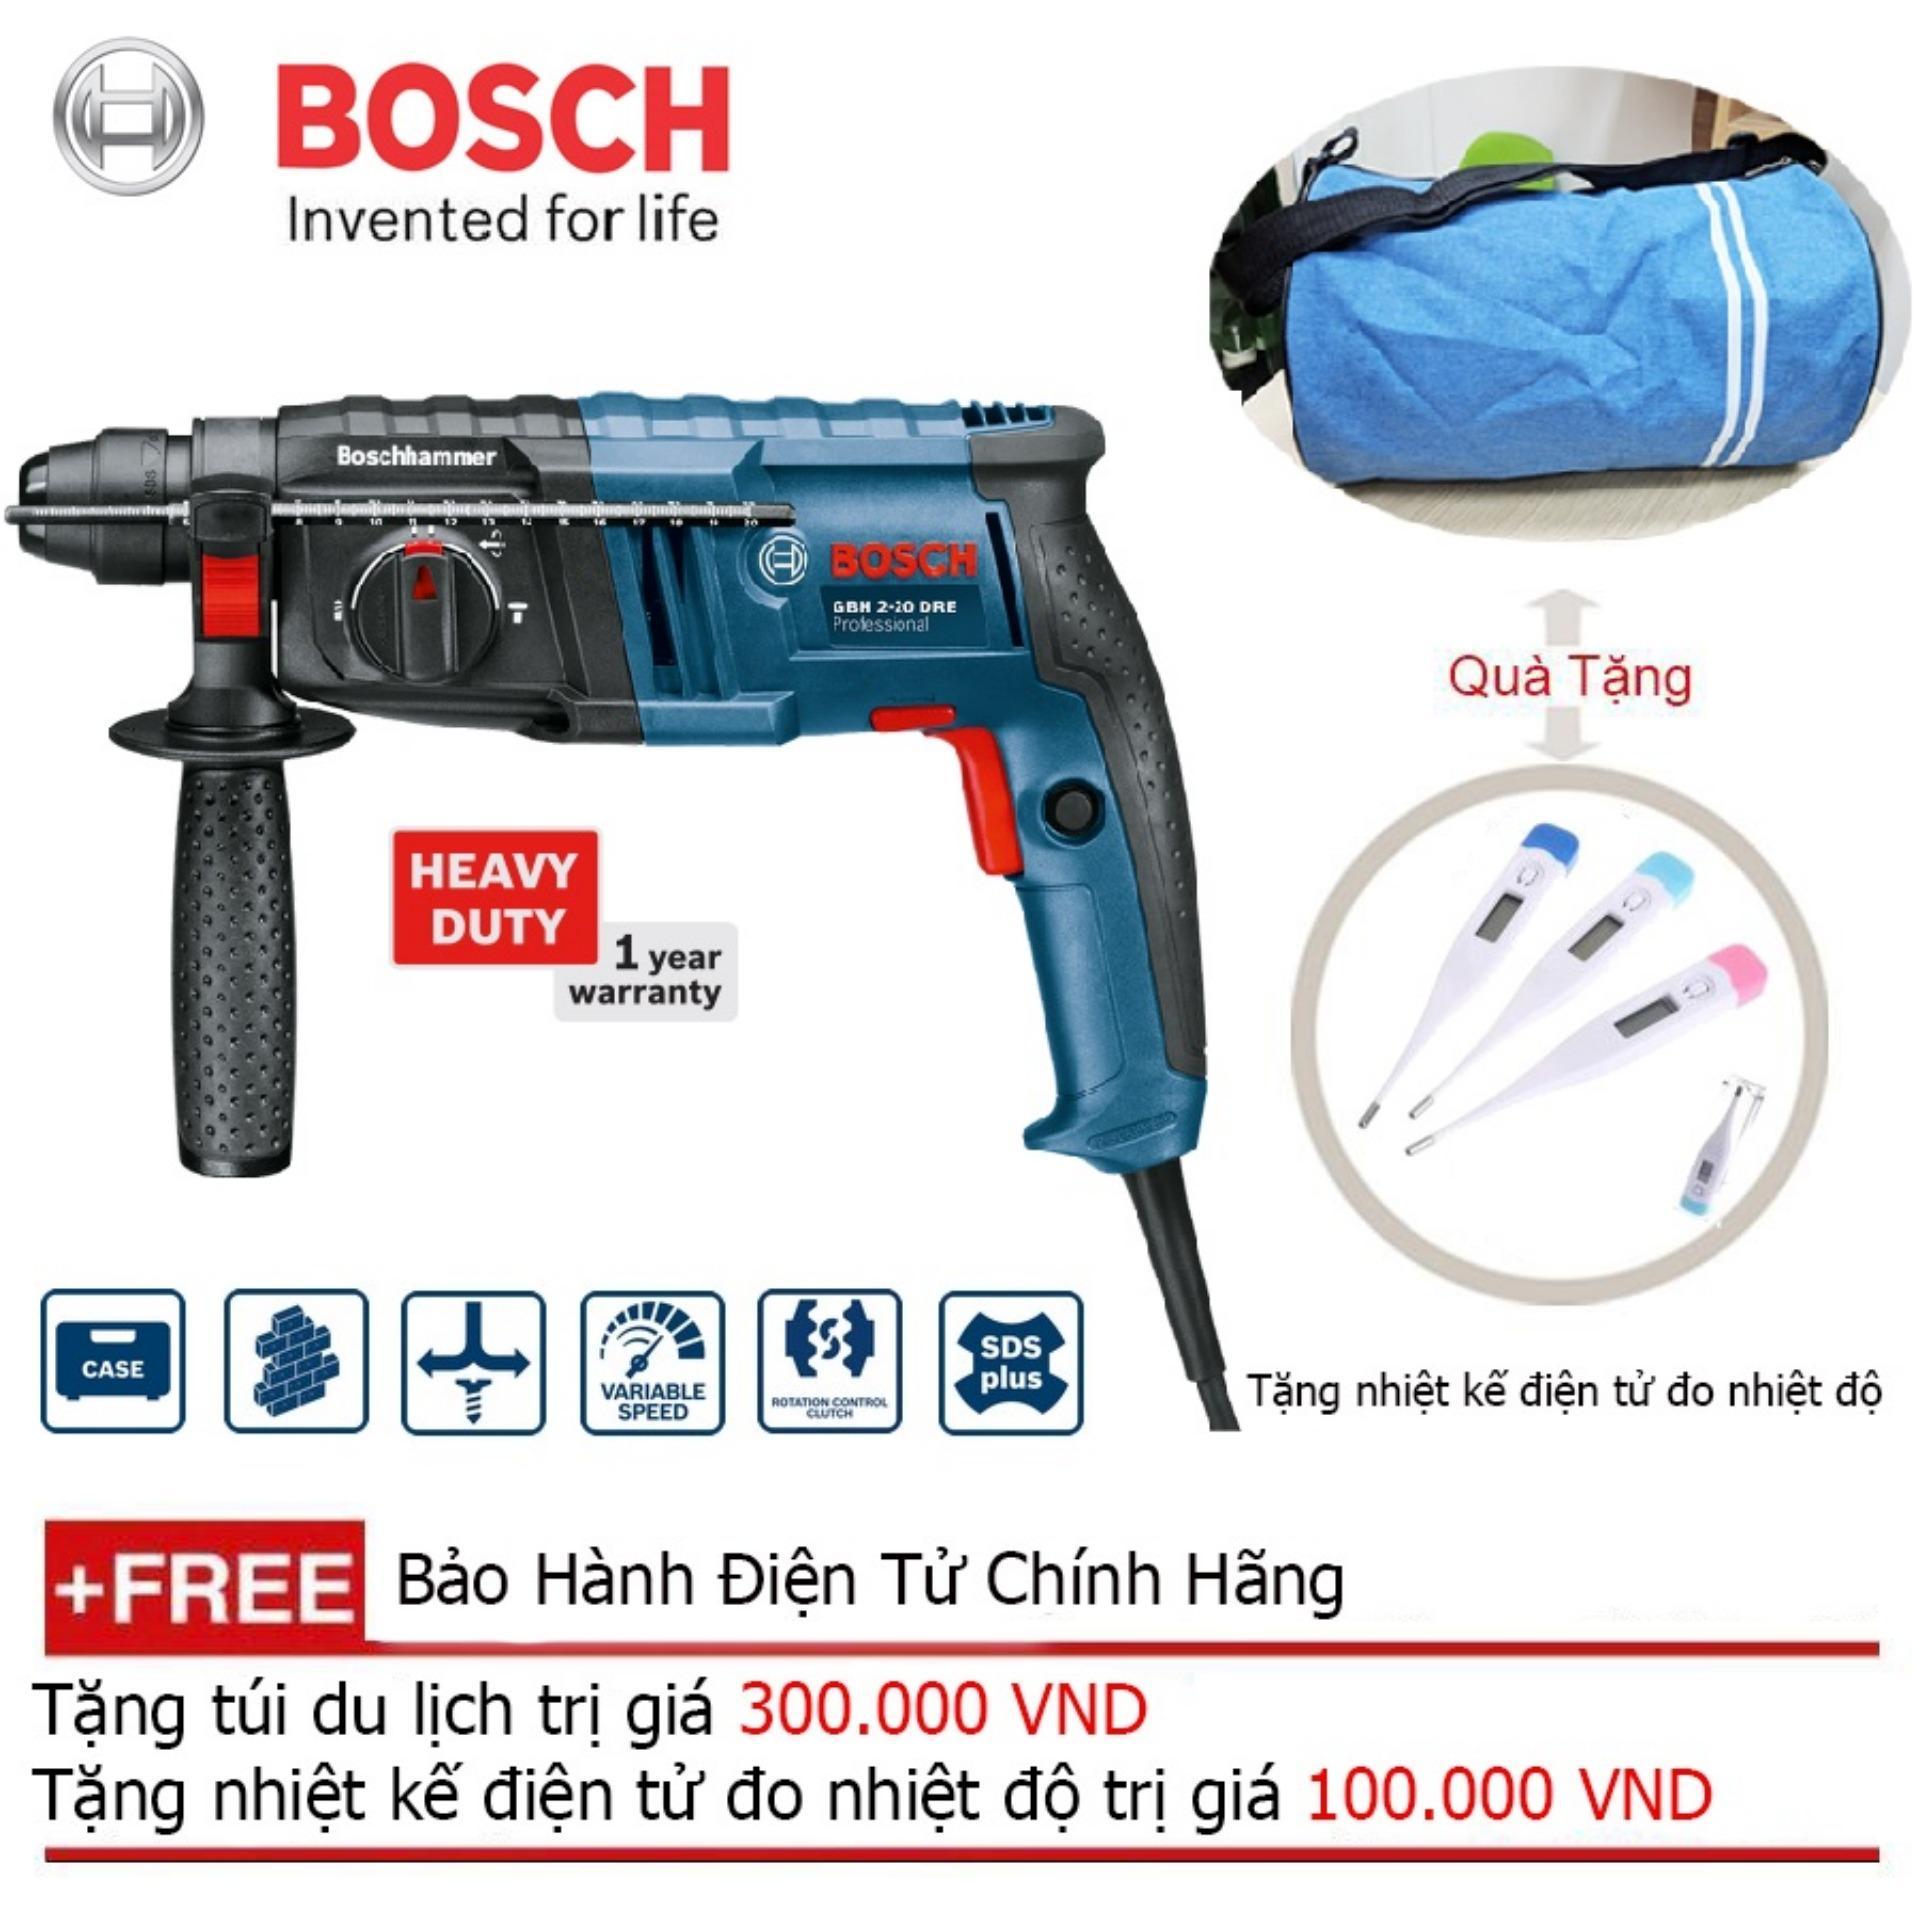 Máy khoan búa Bosch GBH 2-20 DRE + Quà tặng balo du lịch